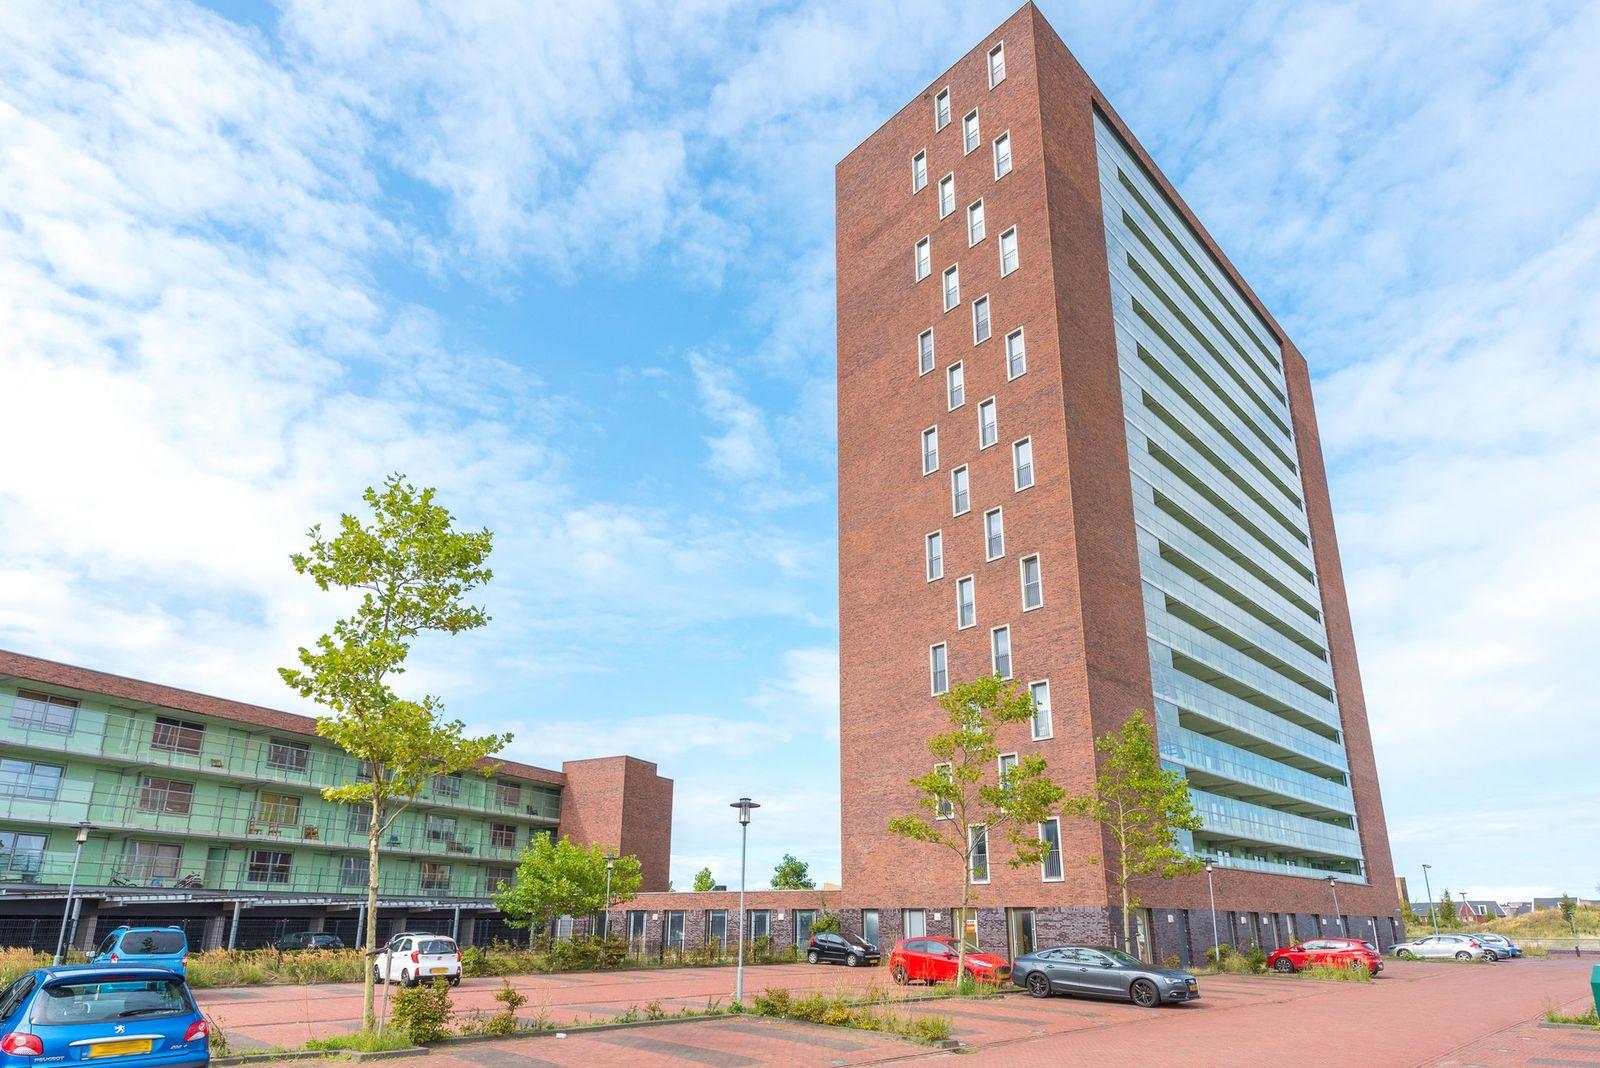 Polenstraat 290, Almere